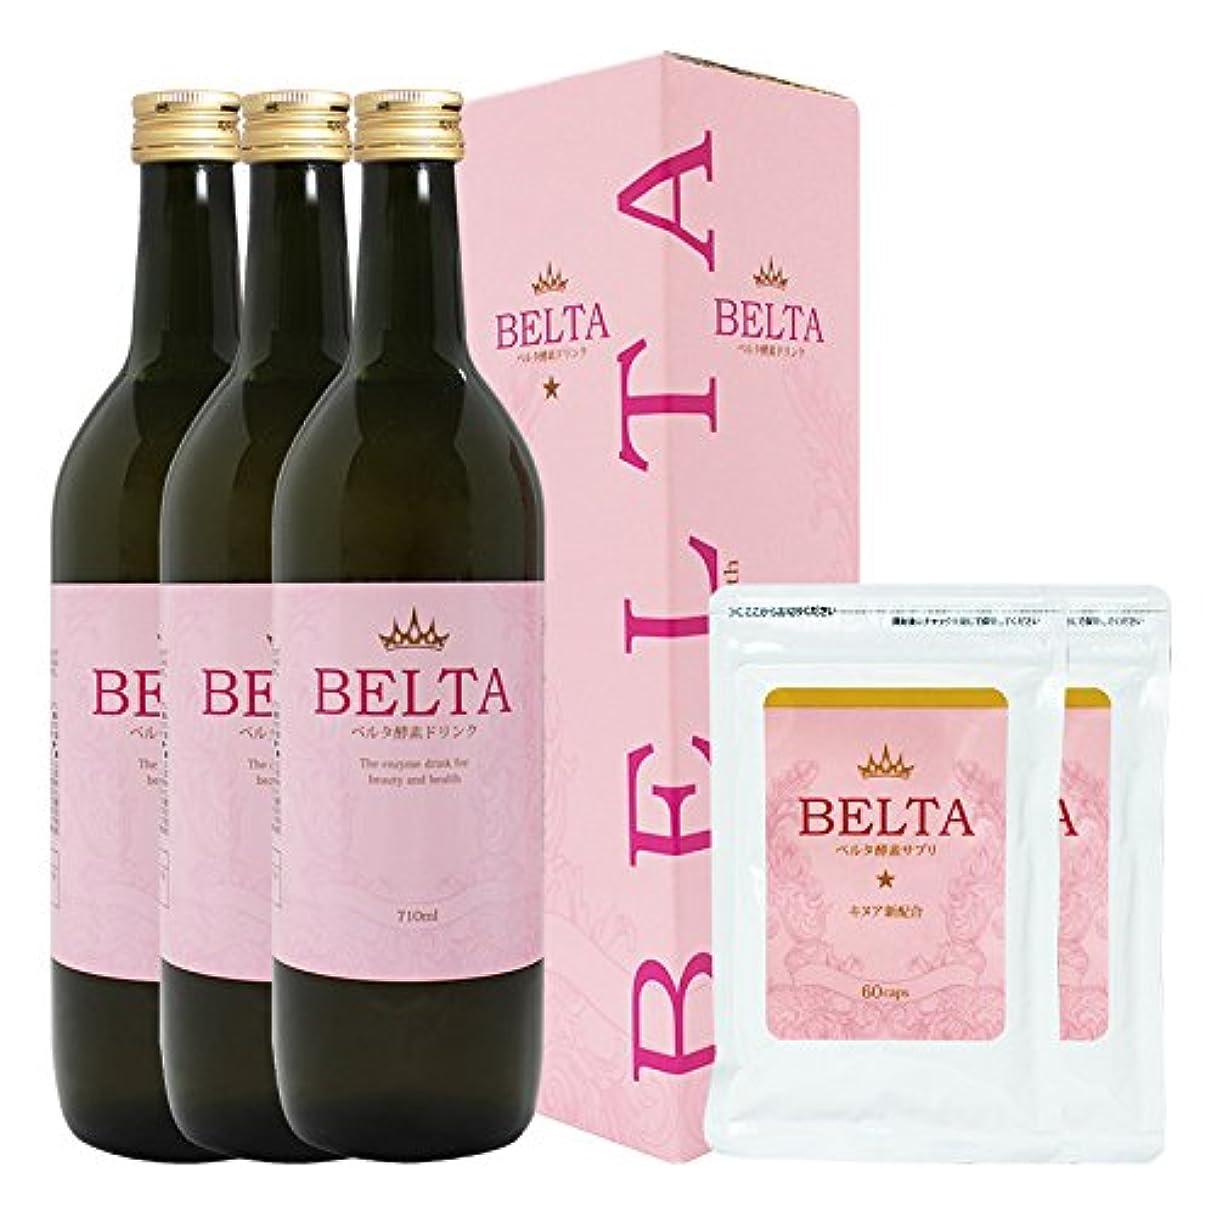 車両賭けからかうBELTA ベルタ酵素ドリンク 即ダイエットパック(ベルタ酵素ドリンク (710ml) 3本 ベルタ酵素サプリメント(60粒) 2袋) 置き換え ダイエット ファスティング 断食 すっきり飲みやすいピーチ味